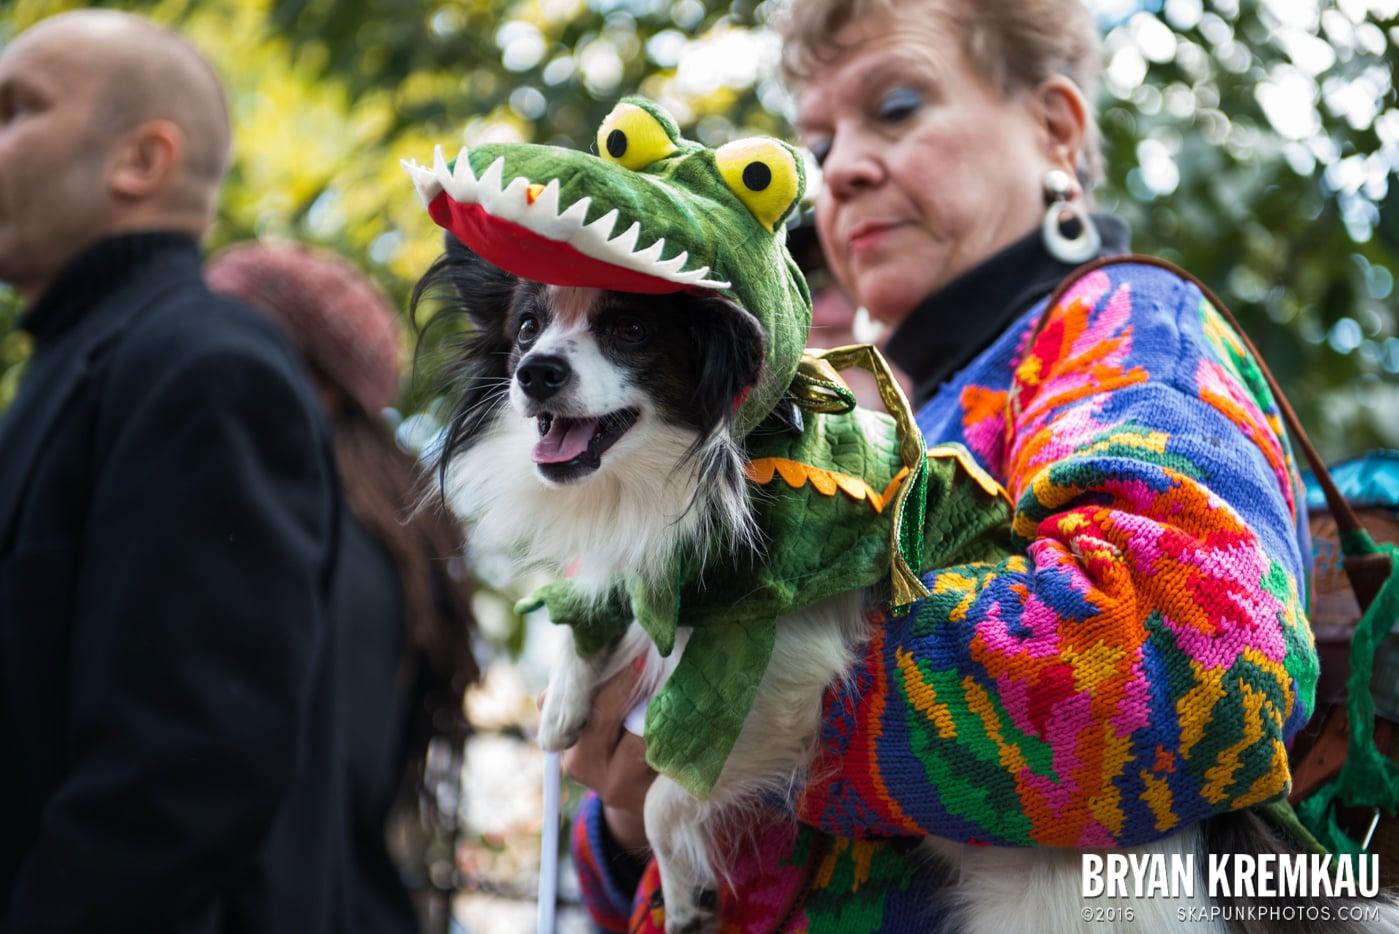 Tompkins Square Halloween Dog Parade 2013 @ Tompkins Square Park, NYC - 10.26.13 (34)